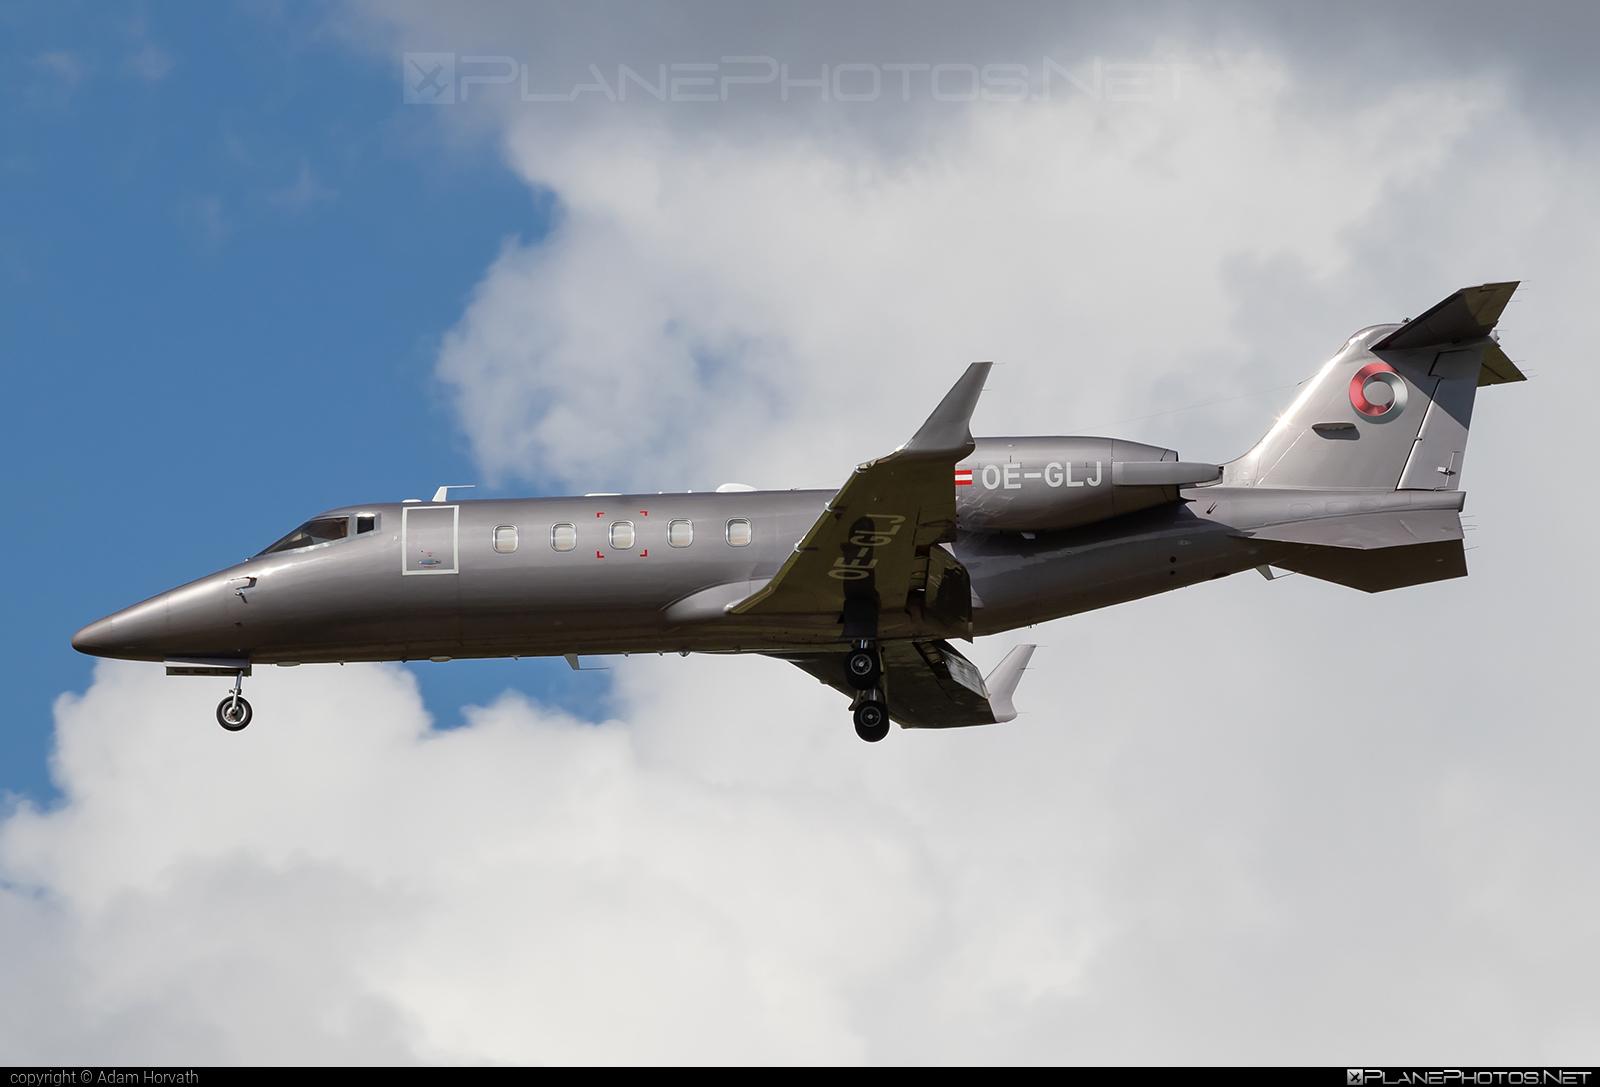 Bombardier Learjet 60 - OE-GLJ operated by SPARFELL Luftfahrt GmbH #SparfellLuftfahrt #SparfellLuftfahrtGmbH #bombardier #learjet #learjet60